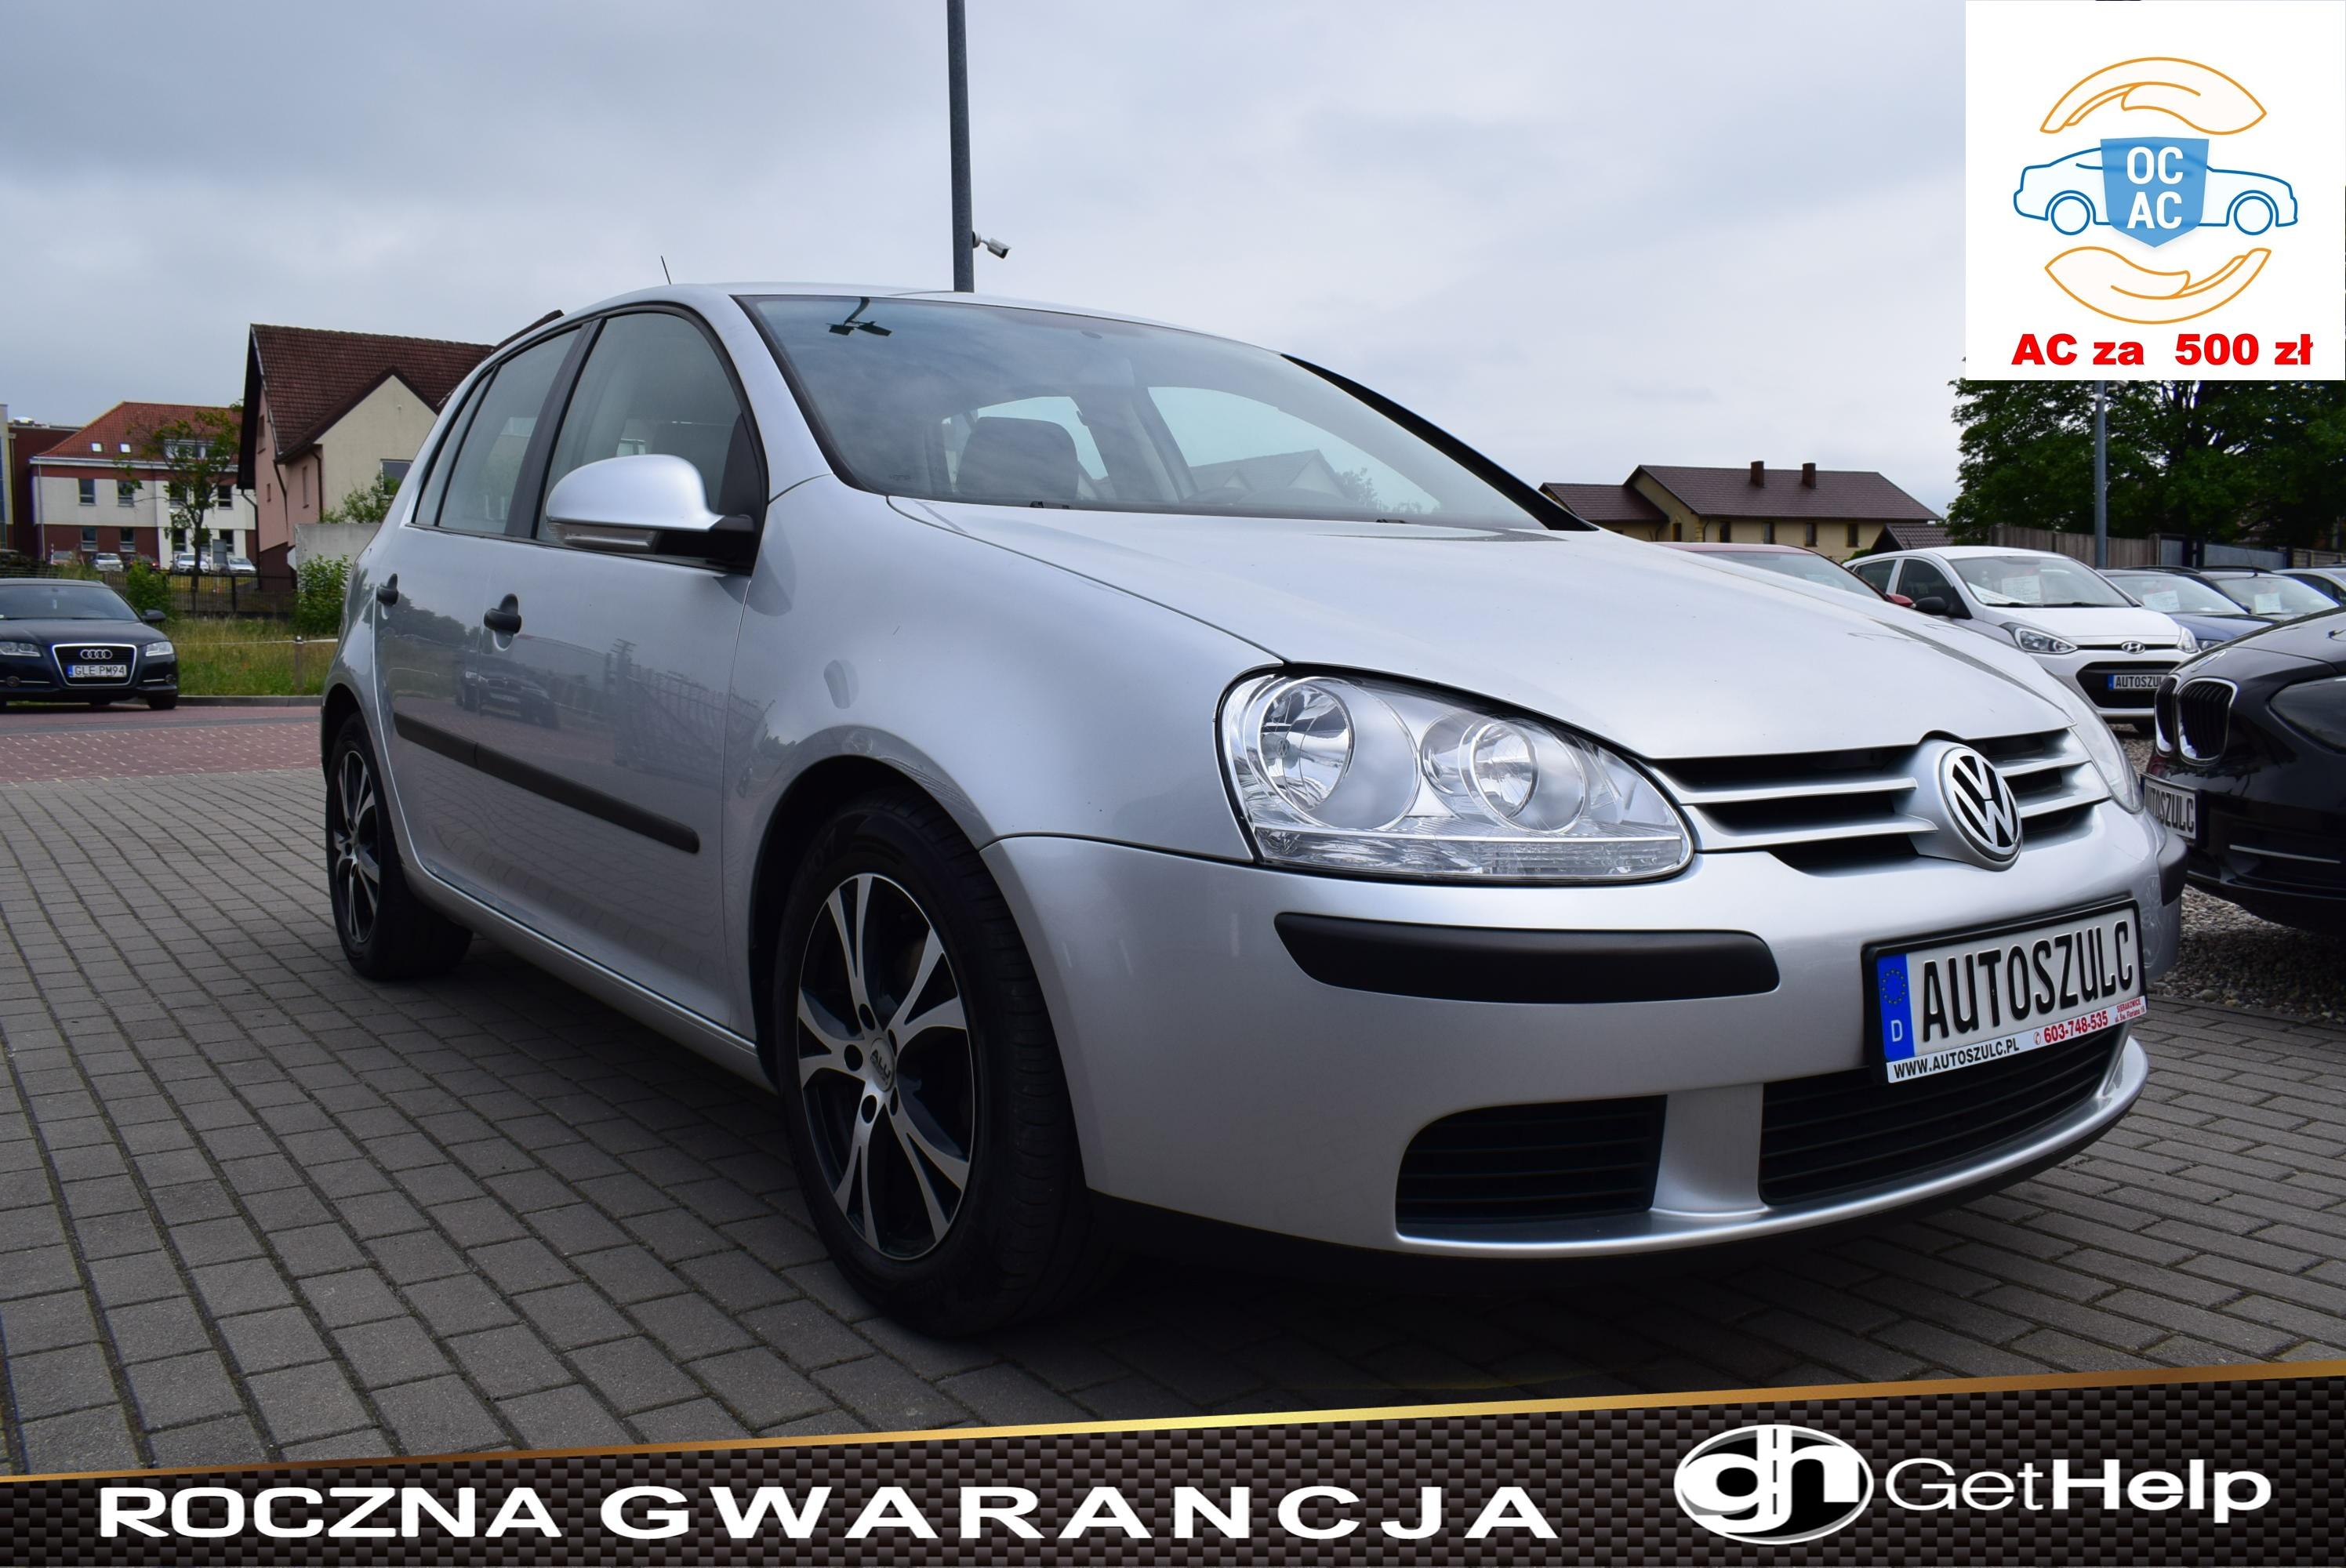 VW Golf V 1.6 Benzyna 102 PS, MPI, Najlepsza jednostka silnikowa, Z Niemiec, 5-drzwi, Serwis do końca, Rok Gwarancji